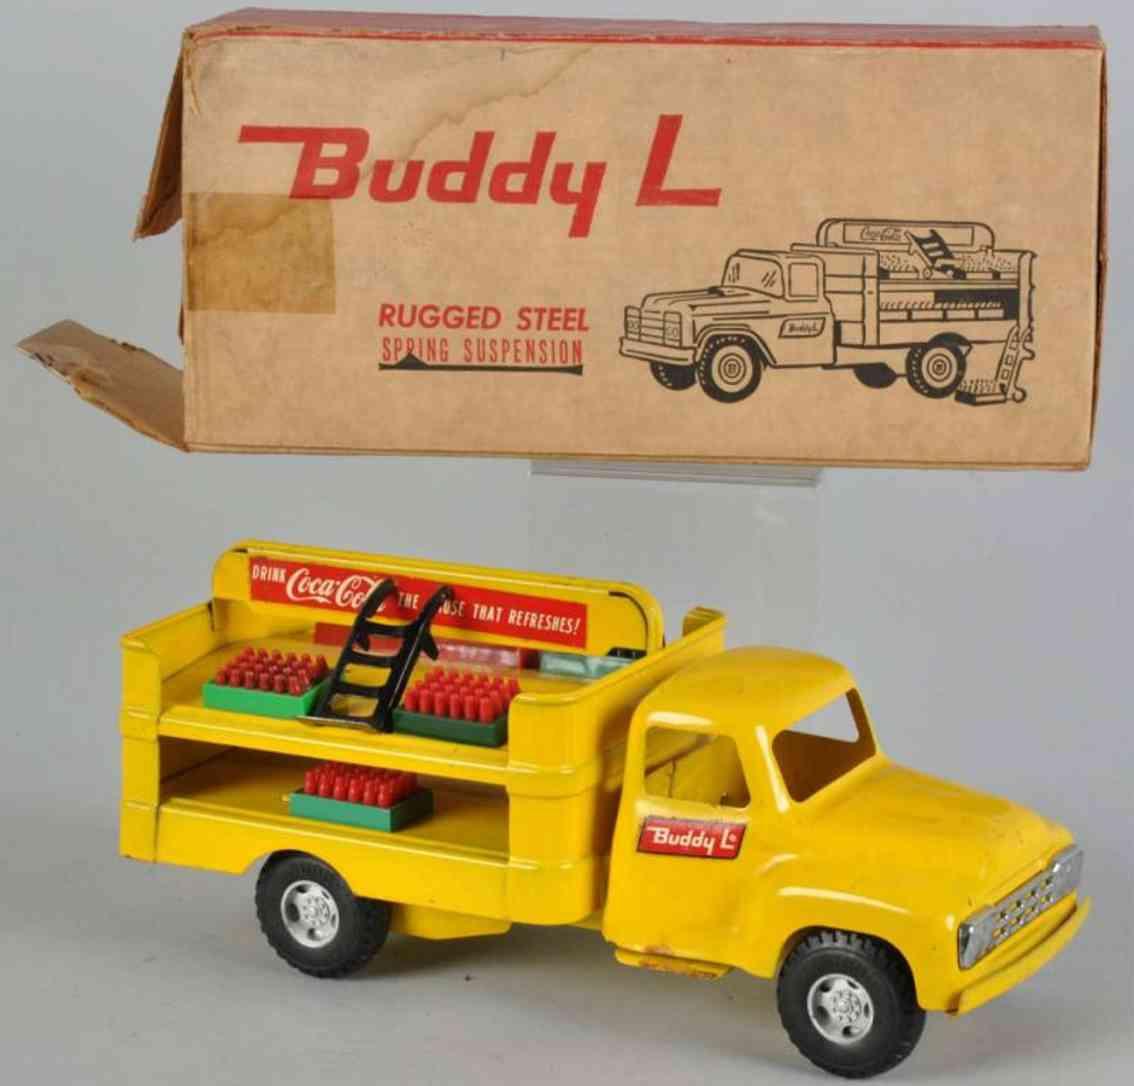 buddy l Coca Cola 19,5 tin toy truck coca cola truck in yellow includes original box